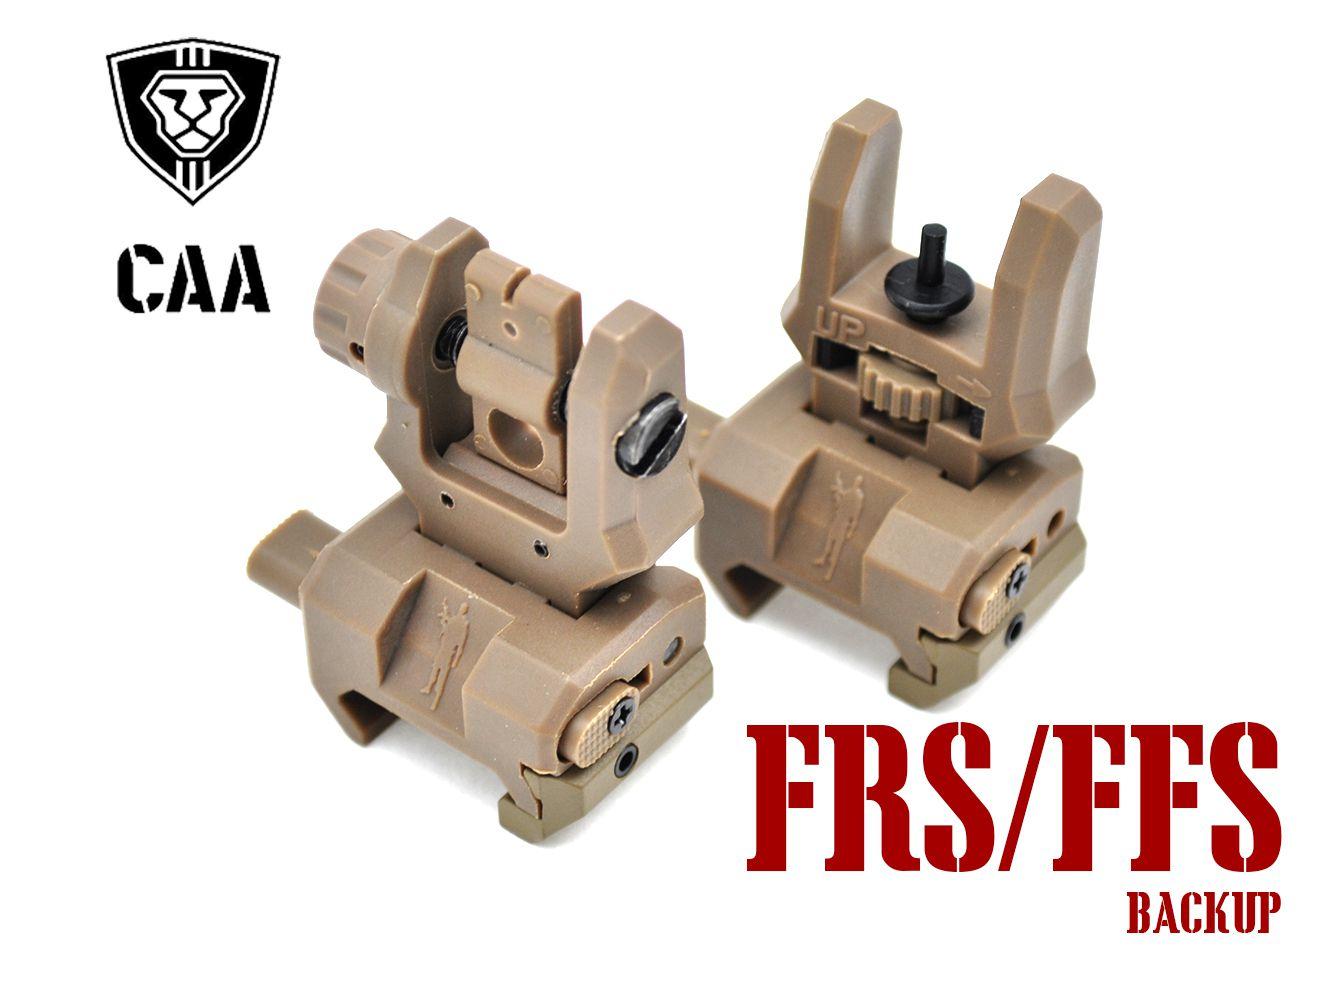 CAA Airsoft FRS+FFS バックアップサイト DE★電動ガン エアガン AEG M4A1 東京マルイ ガスガン